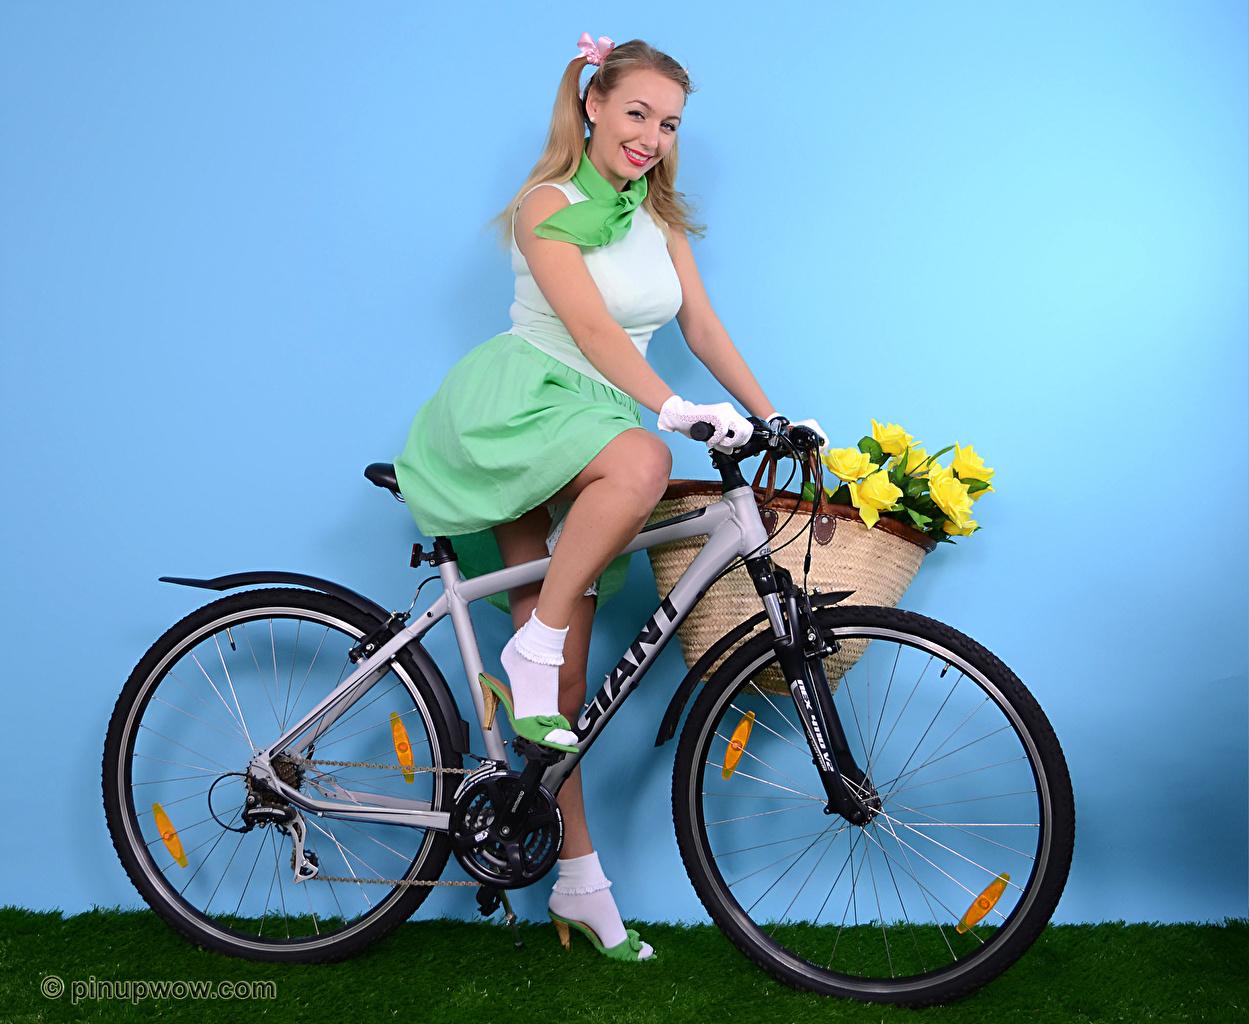 Foto Hayley Marie Coppin Blondine Lächeln fahrräder junge frau Weidenkorb Mauer Sitzend Blond Mädchen Fahrrad Mädchens junge Frauen wand sitzt sitzen wände